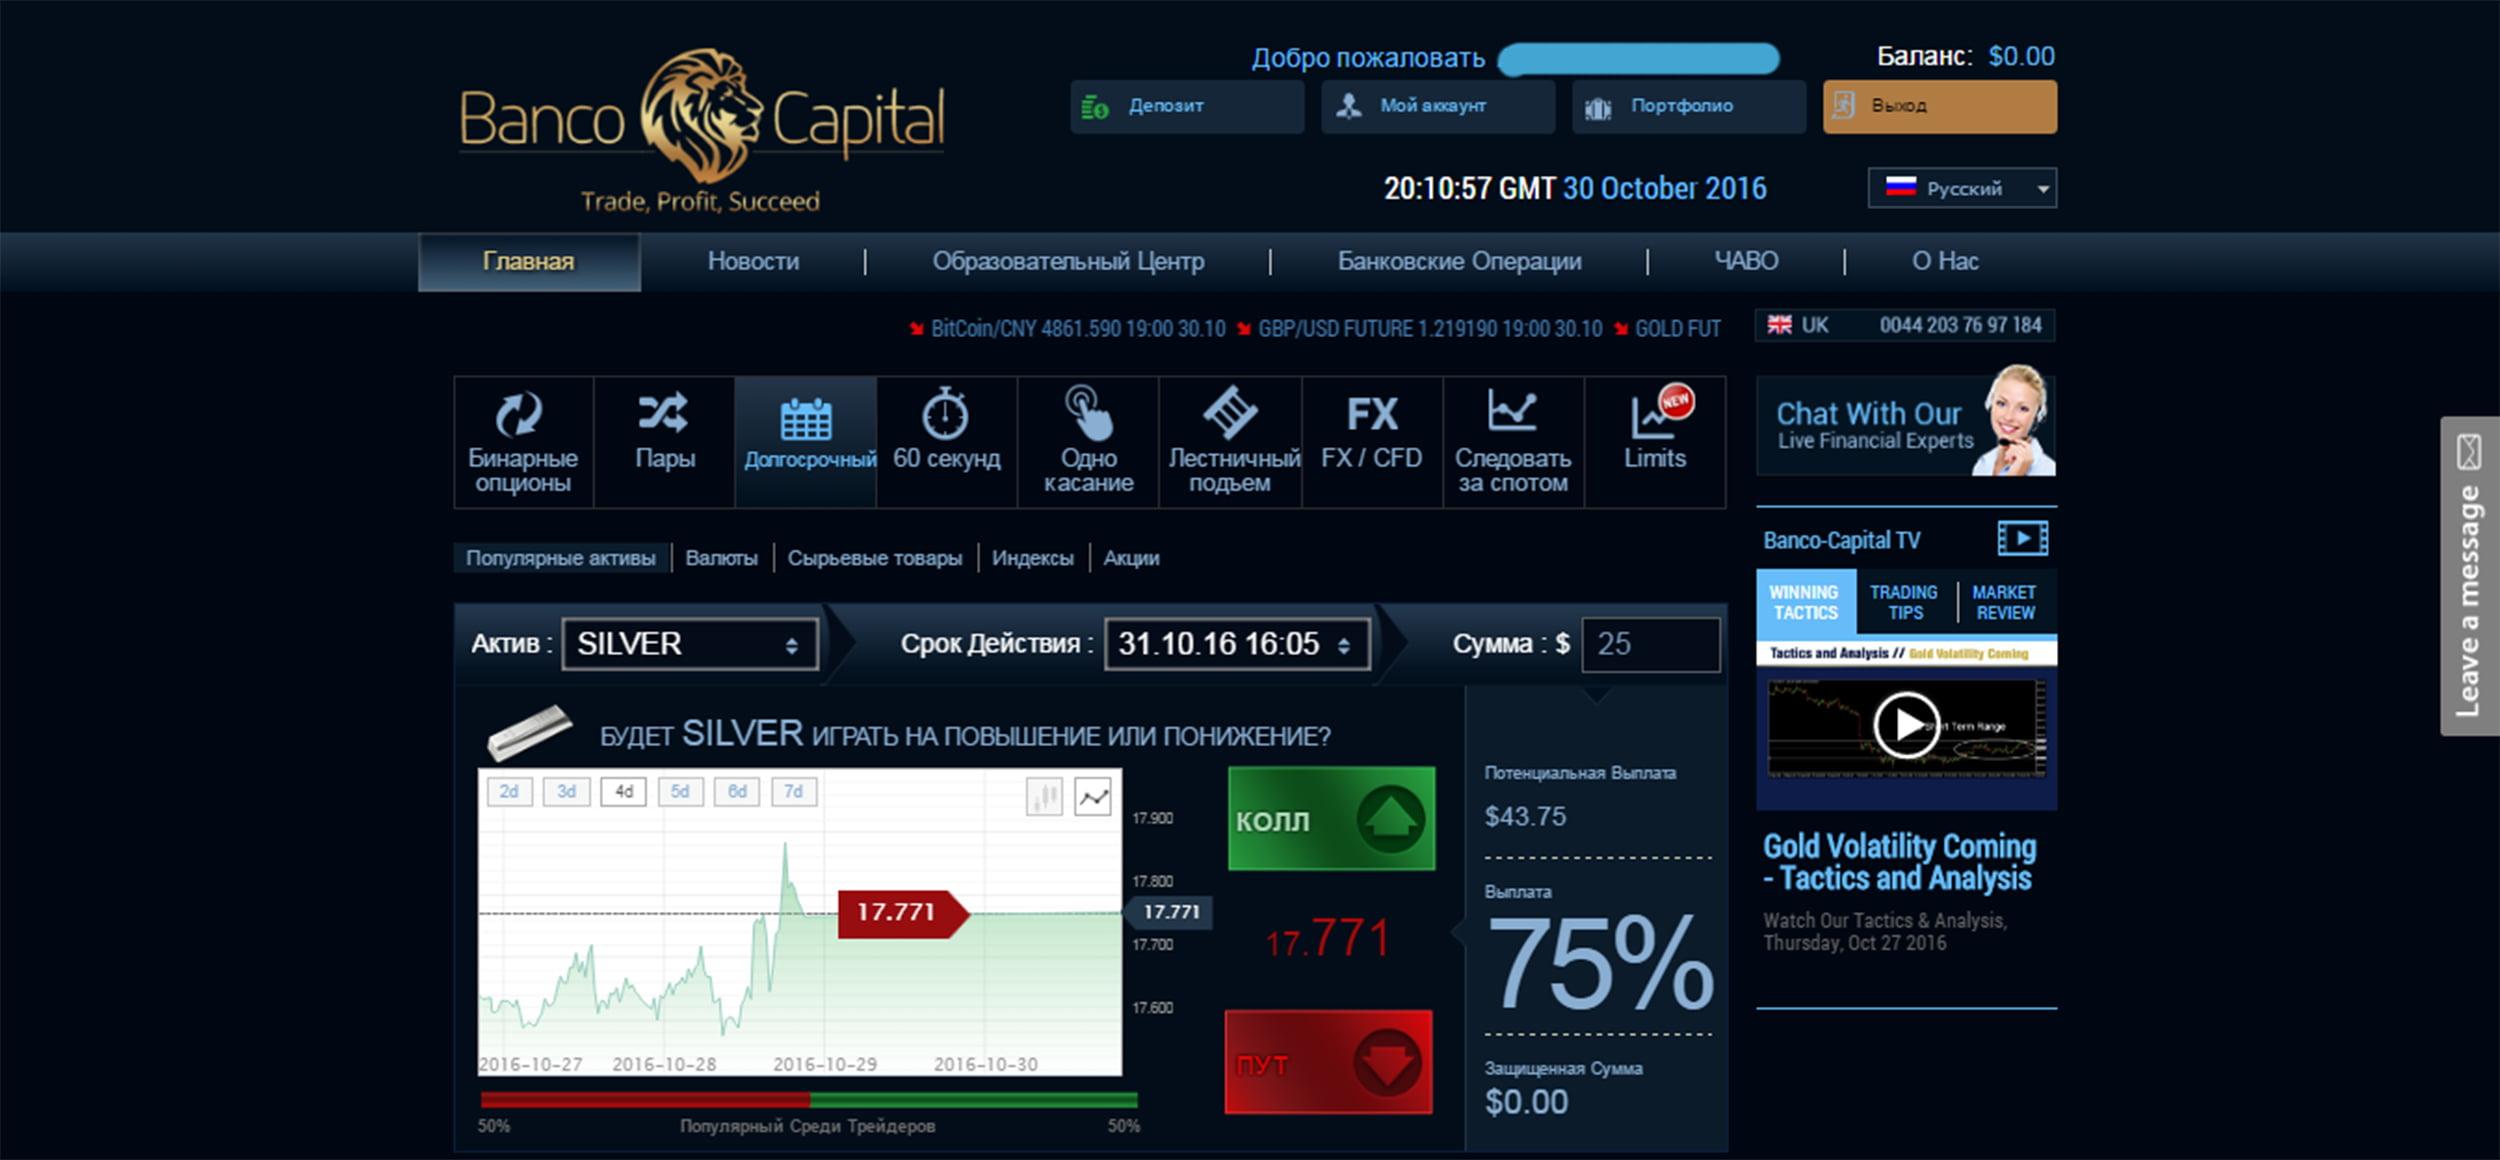 регистрация у брокера Banco-capital